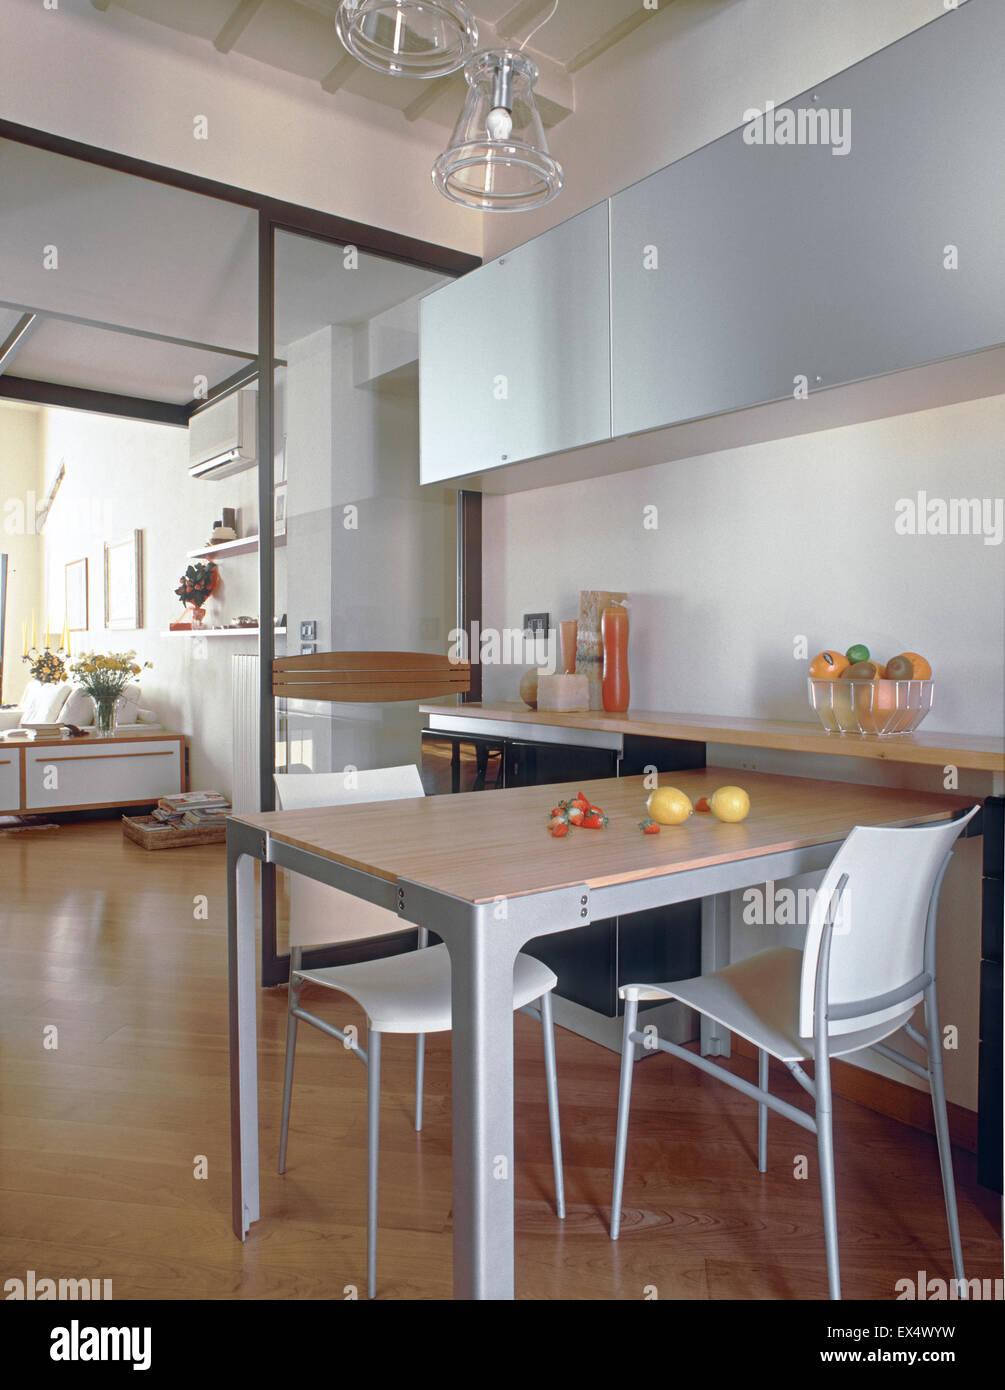 Vista interna della cucina moderna che si affaccia sul soggiorno con ...